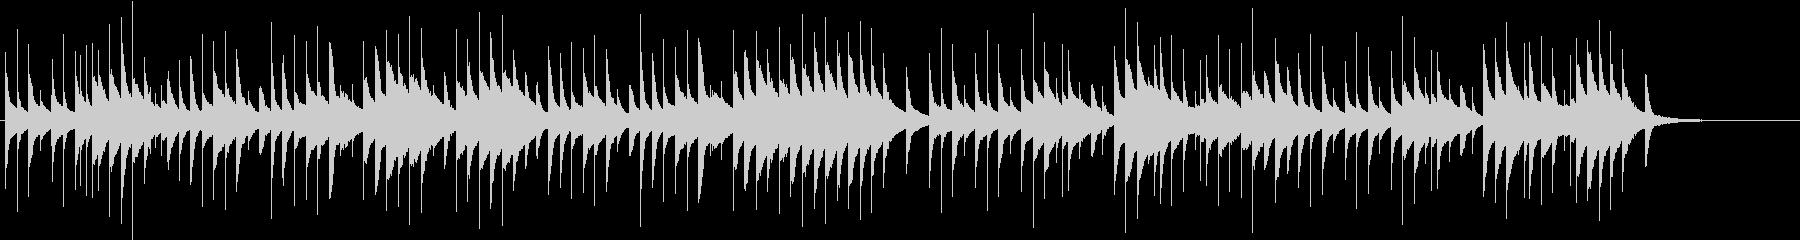 ジングルベルをオルゴールでの未再生の波形